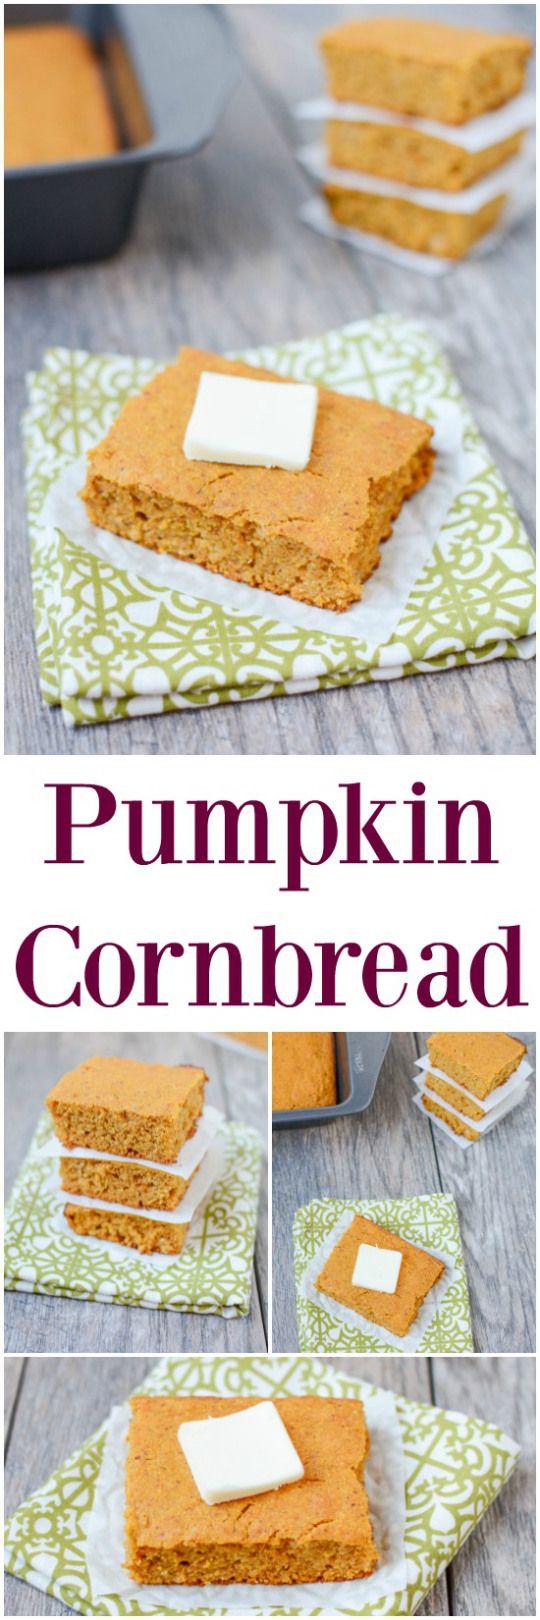 ... PUMPKIN Love on Pinterest | Pumpkins, Pumpkin pies and Healthy pumpkin